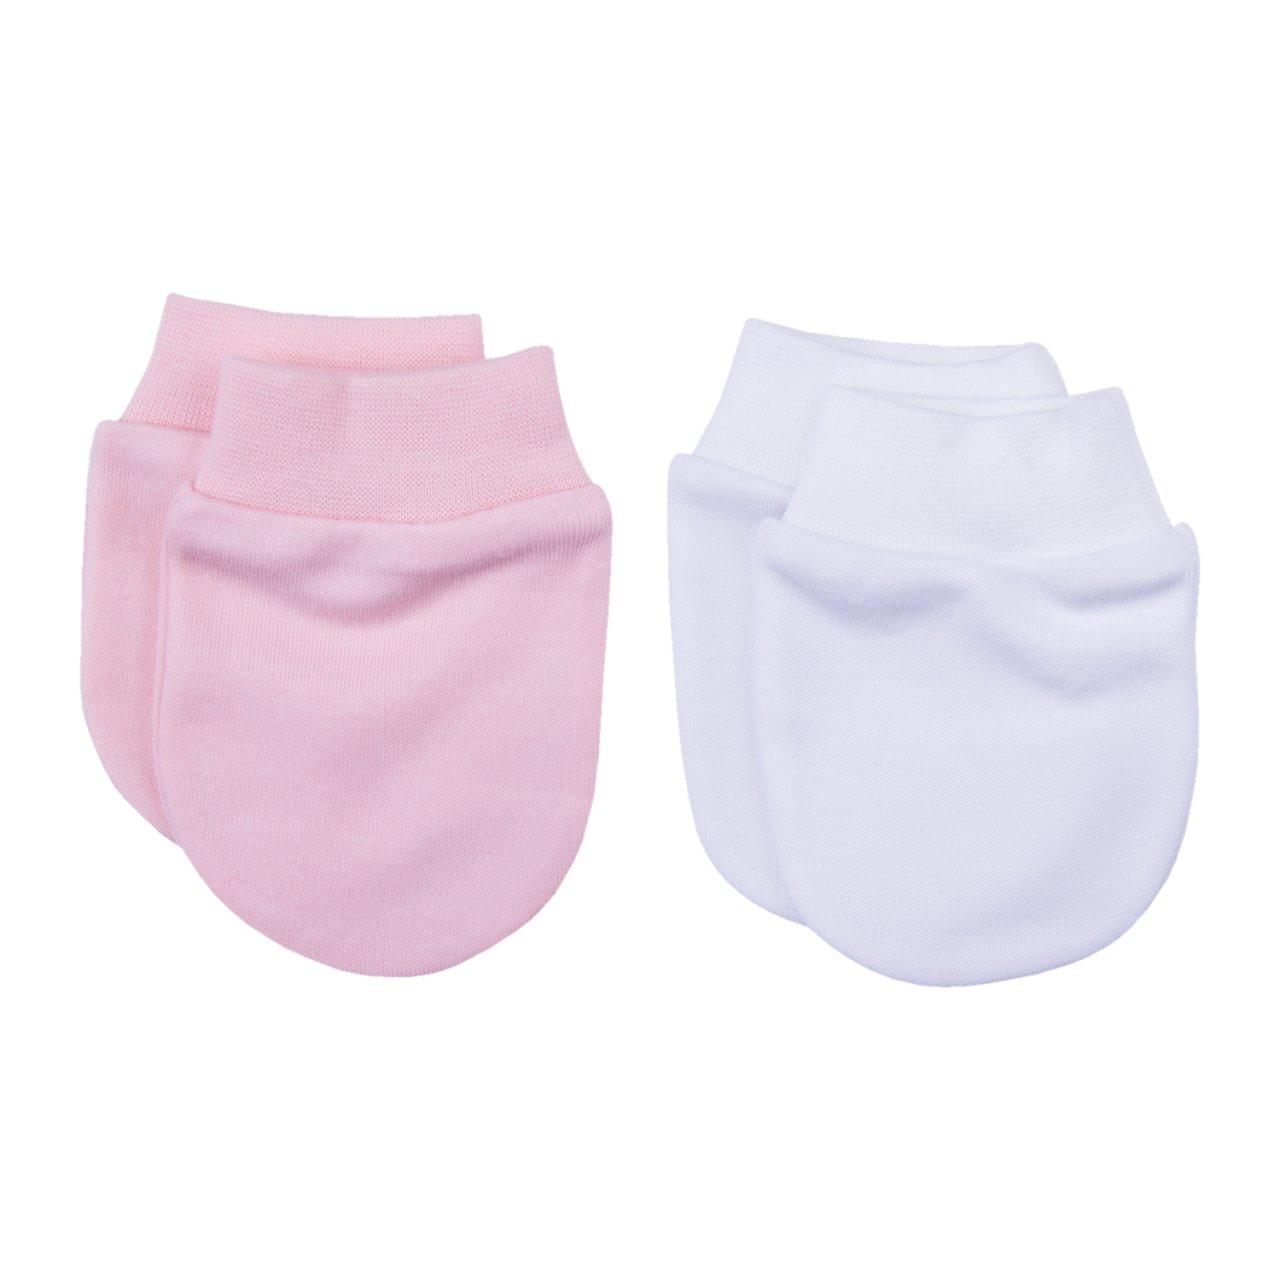 Guanti antigraffio in cotone organico per neonati neonati bianco/rosa – KITIKATE